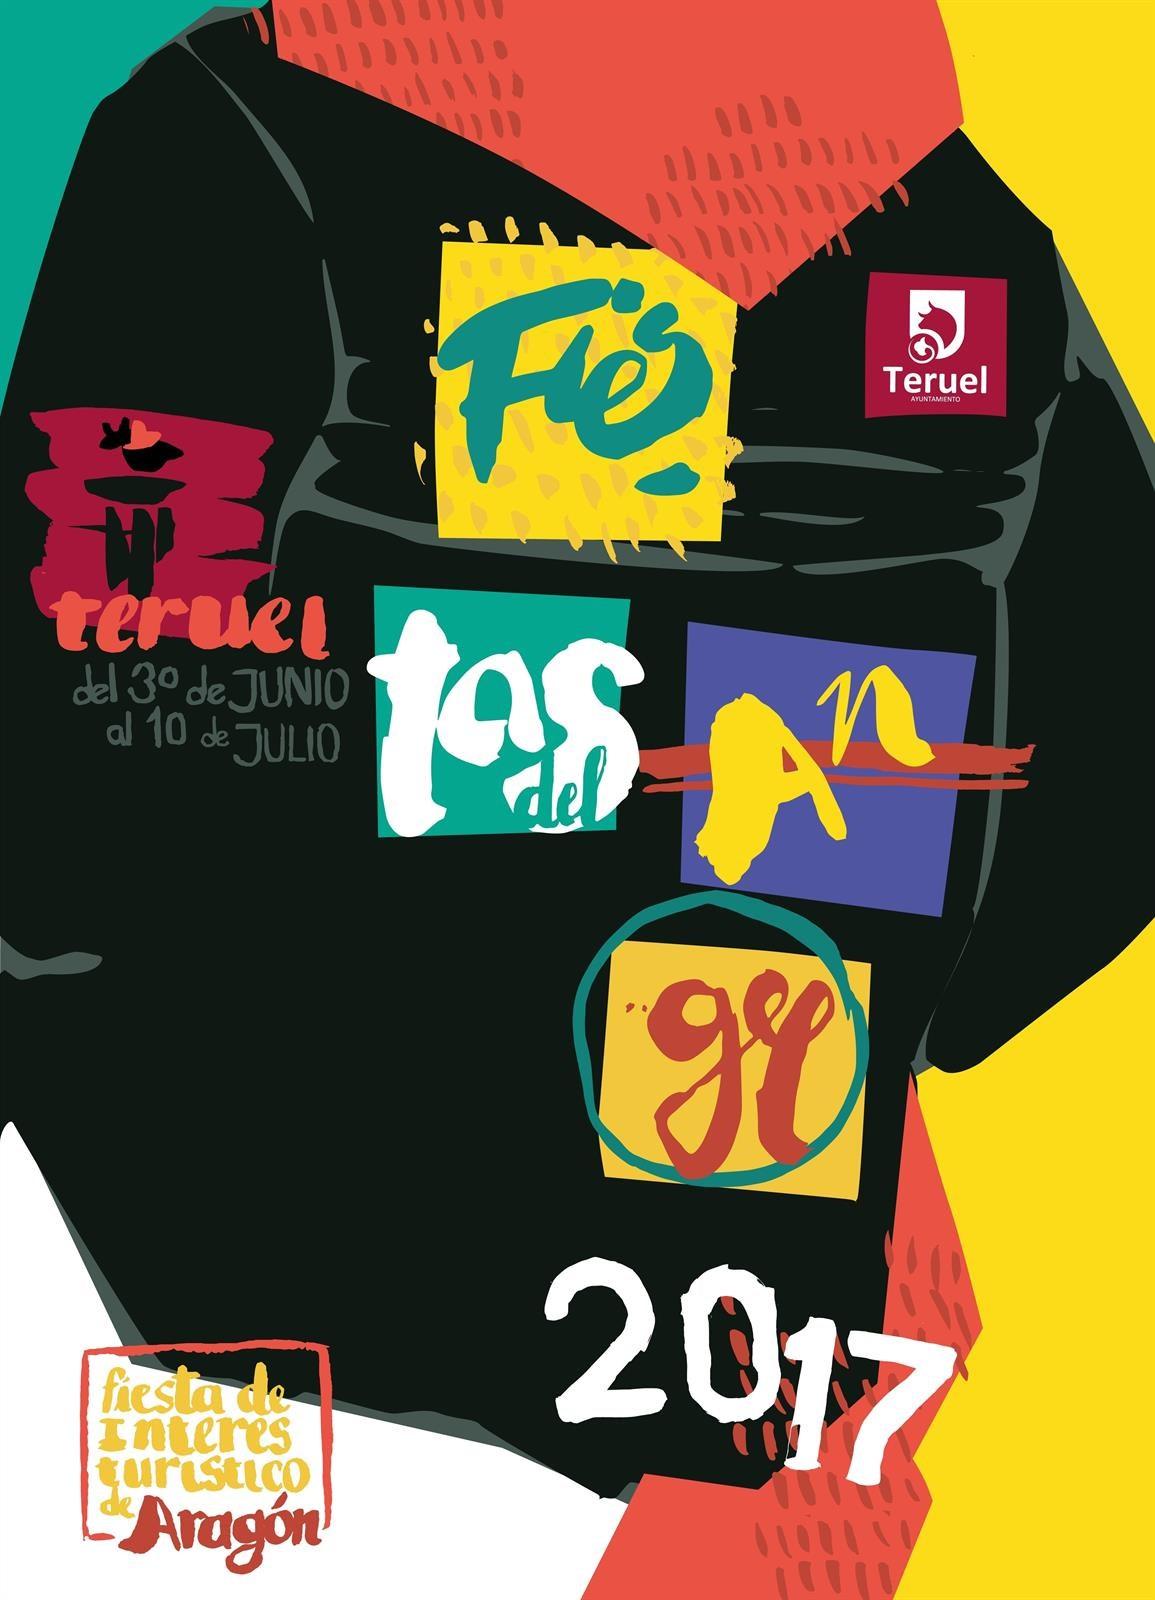 Cartel Fiestas de Teruel 2017